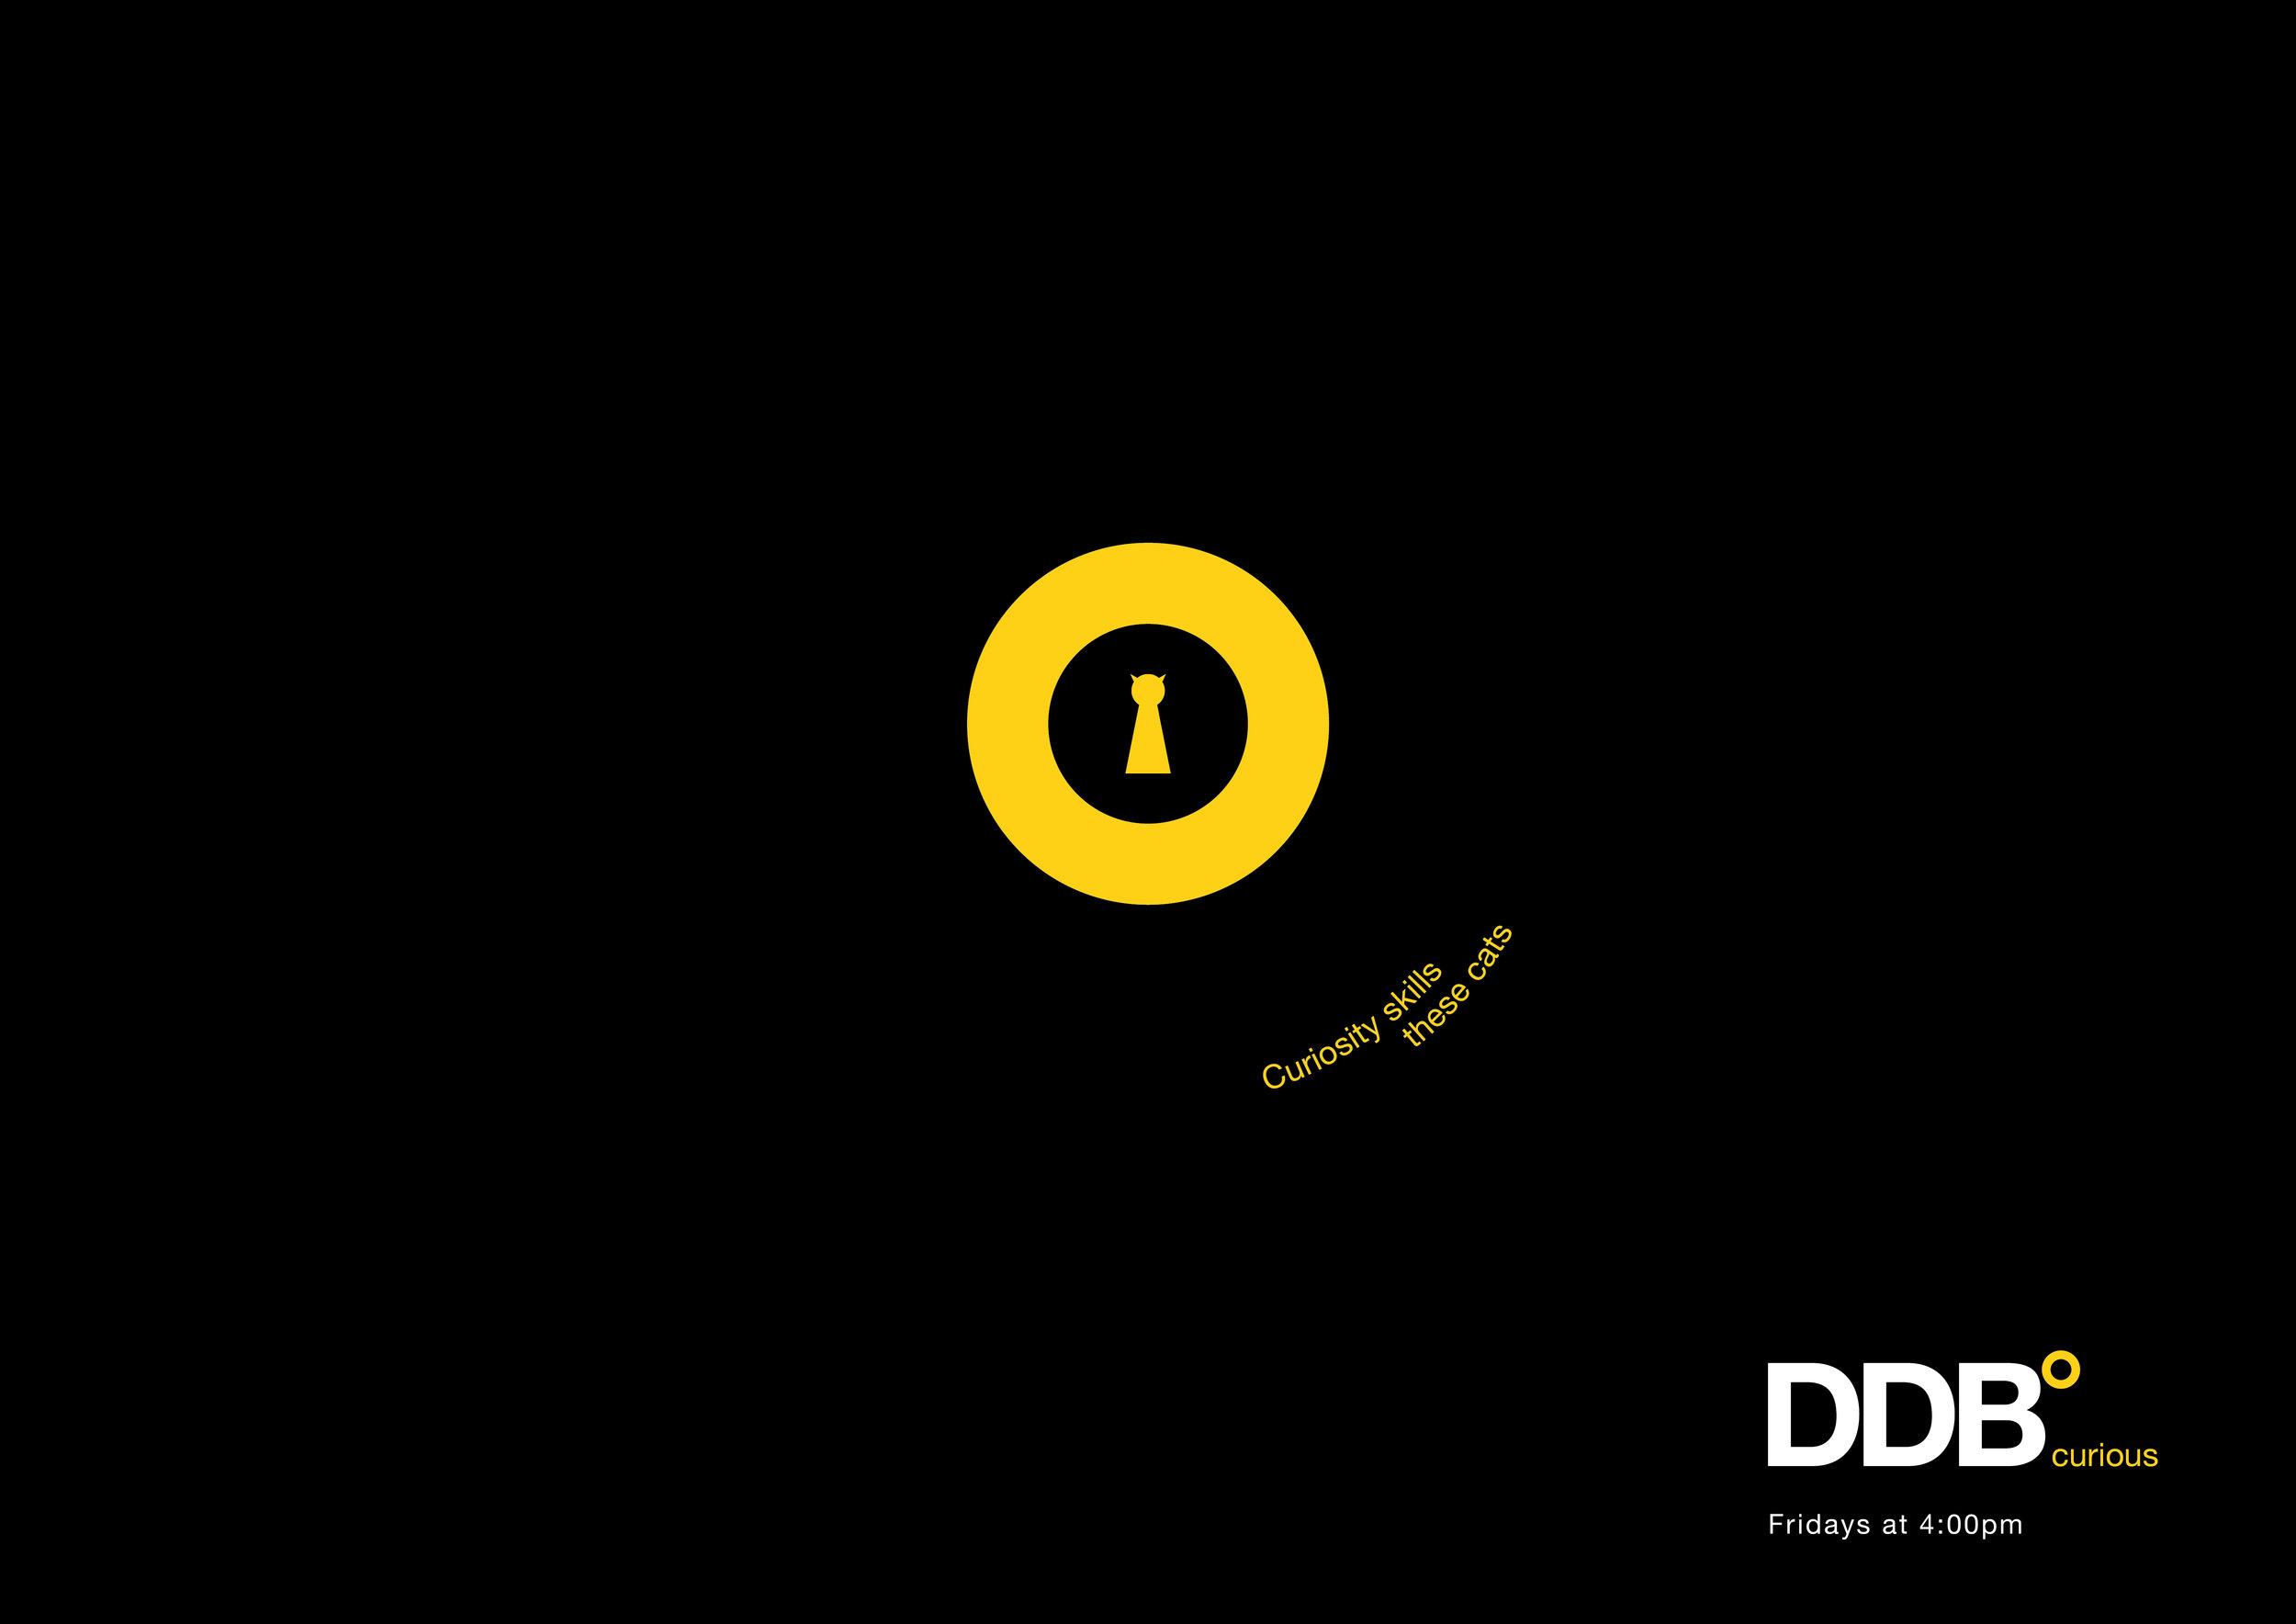 ddbcurious_-02.jpg